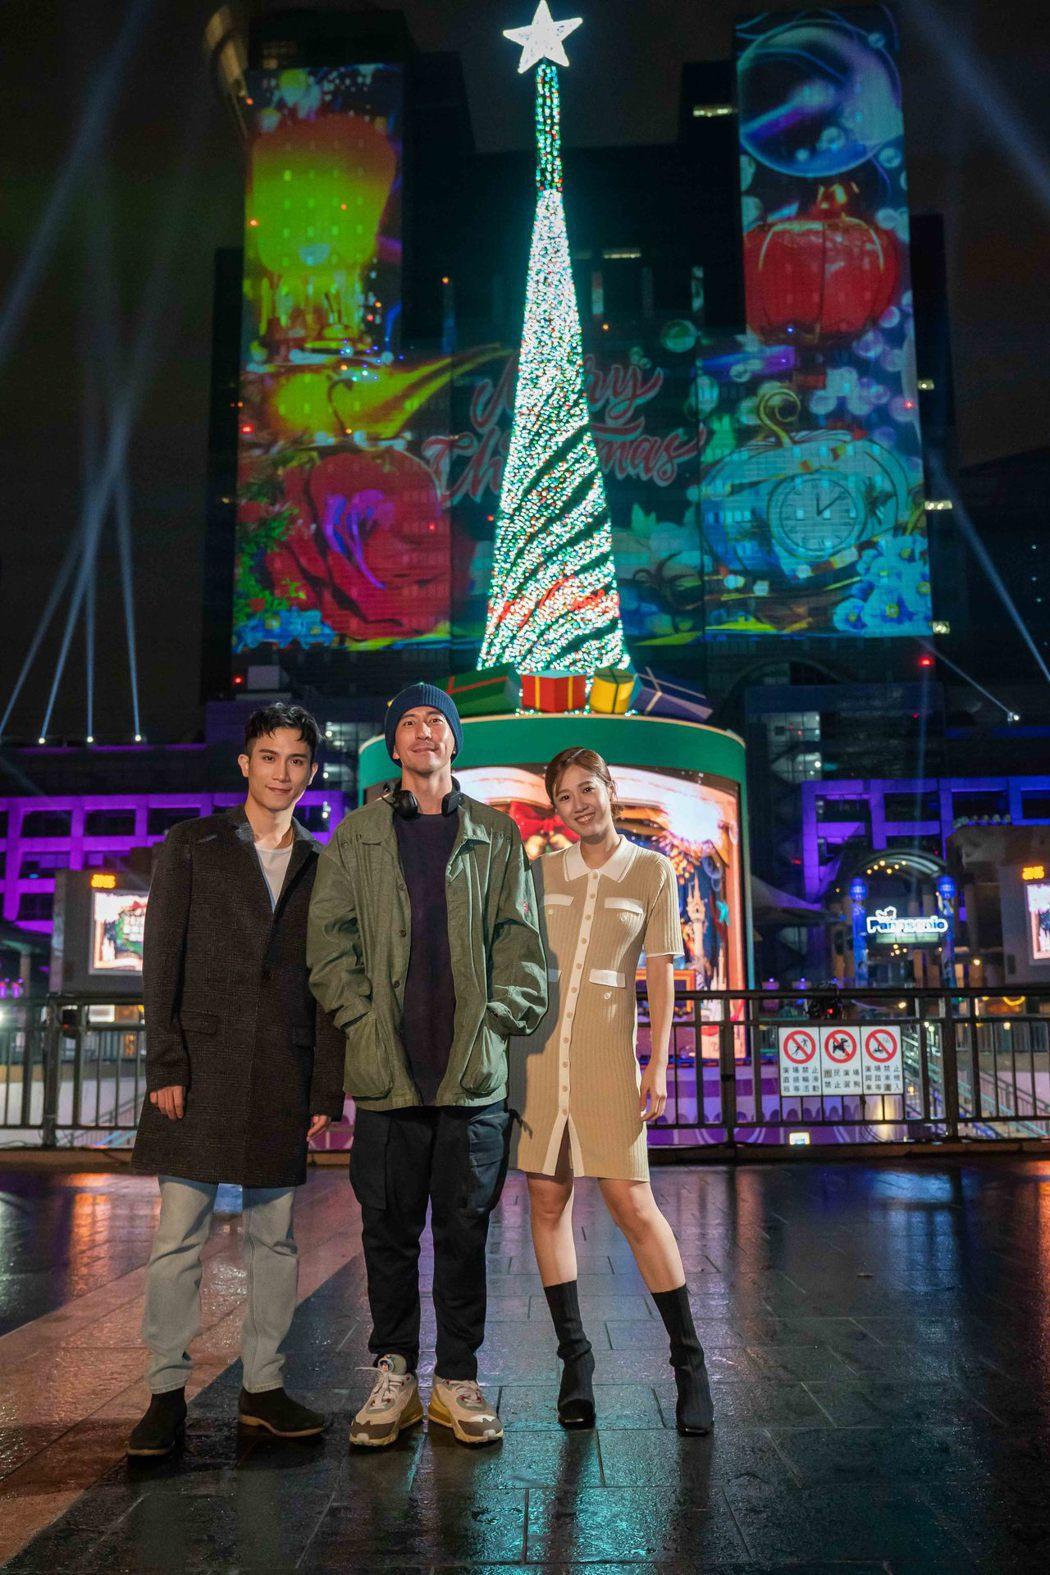 陳彥允(左起)、修杰楷、方志友在新北歡樂耶誕城合影。圖/TVBS提供